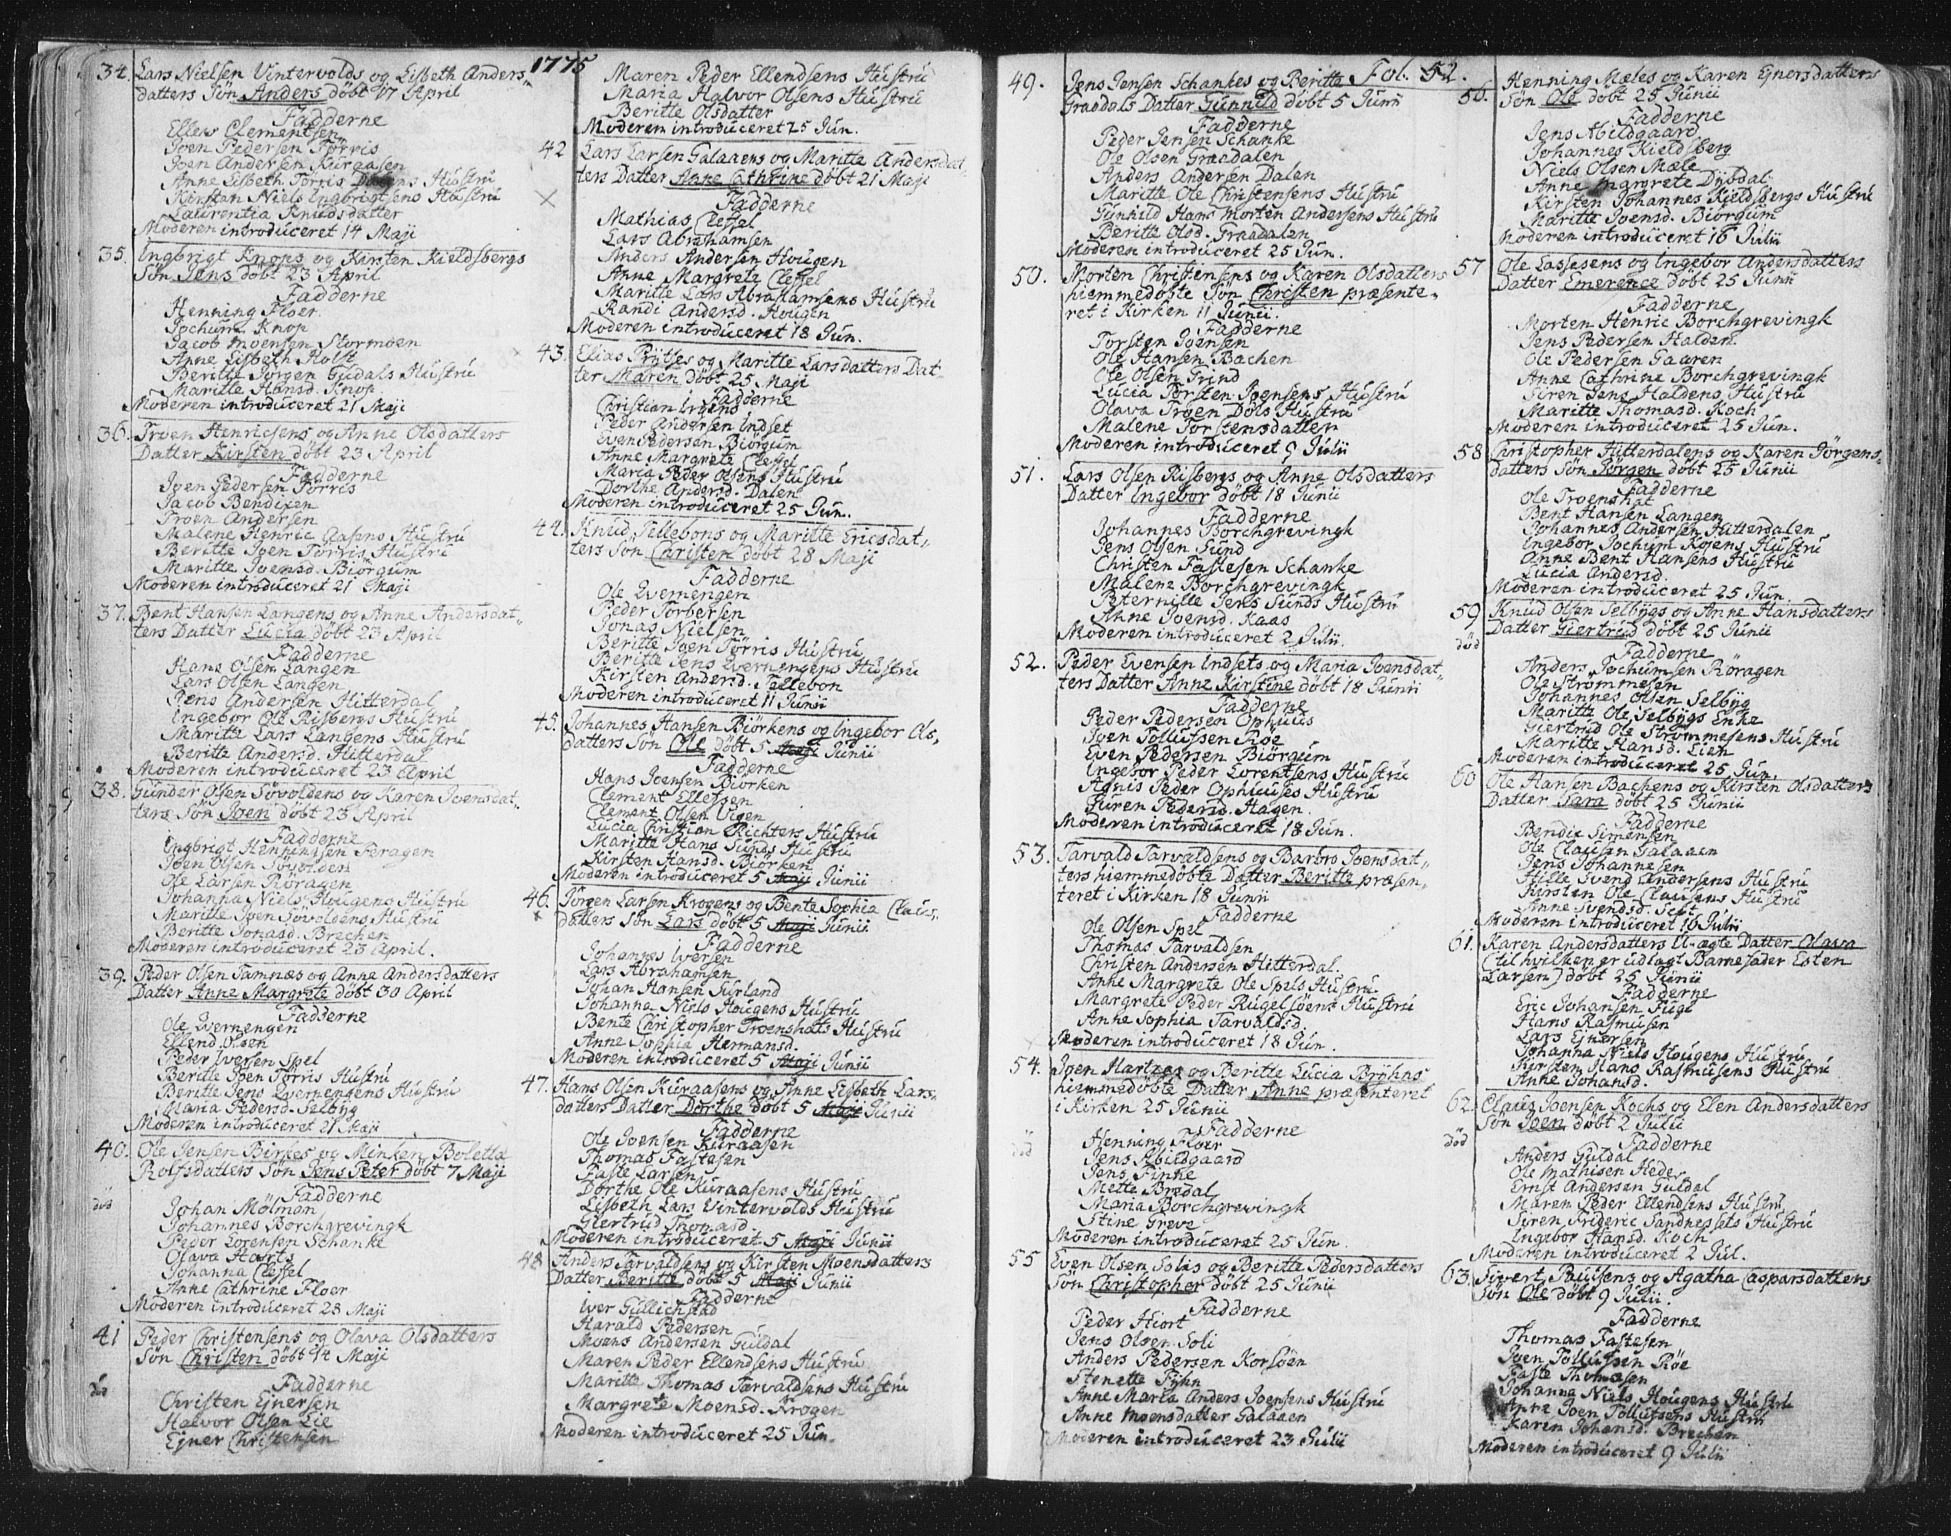 SAT, Ministerialprotokoller, klokkerbøker og fødselsregistre - Sør-Trøndelag, 681/L0926: Ministerialbok nr. 681A04, 1767-1797, s. 52